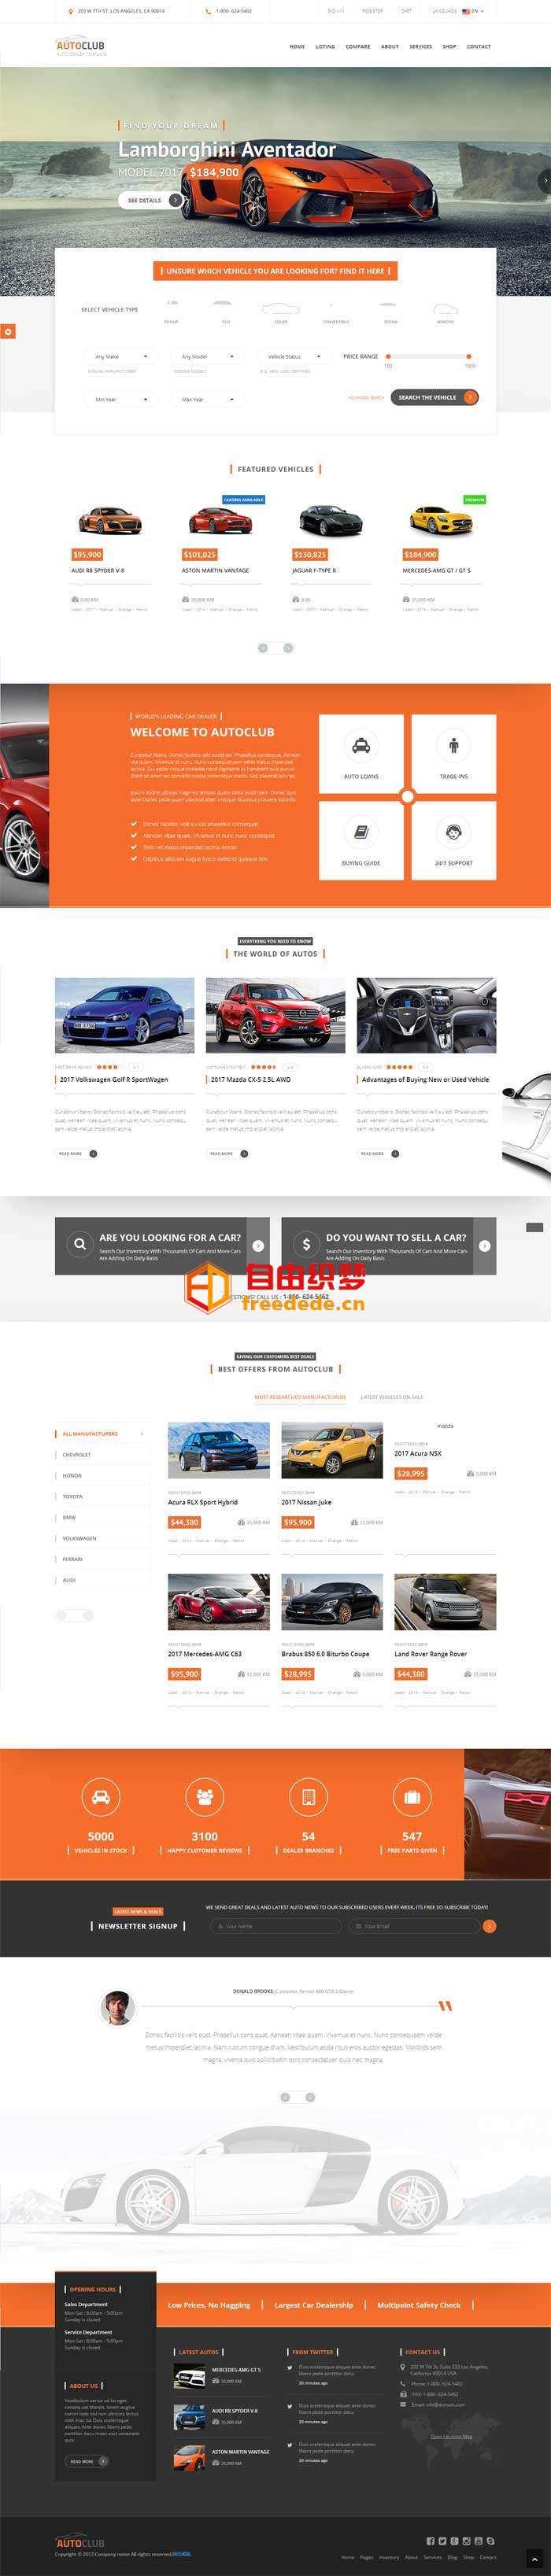 爱上源码网文章橙色大气的4S店汽车销售网站模板html整站的内容插图